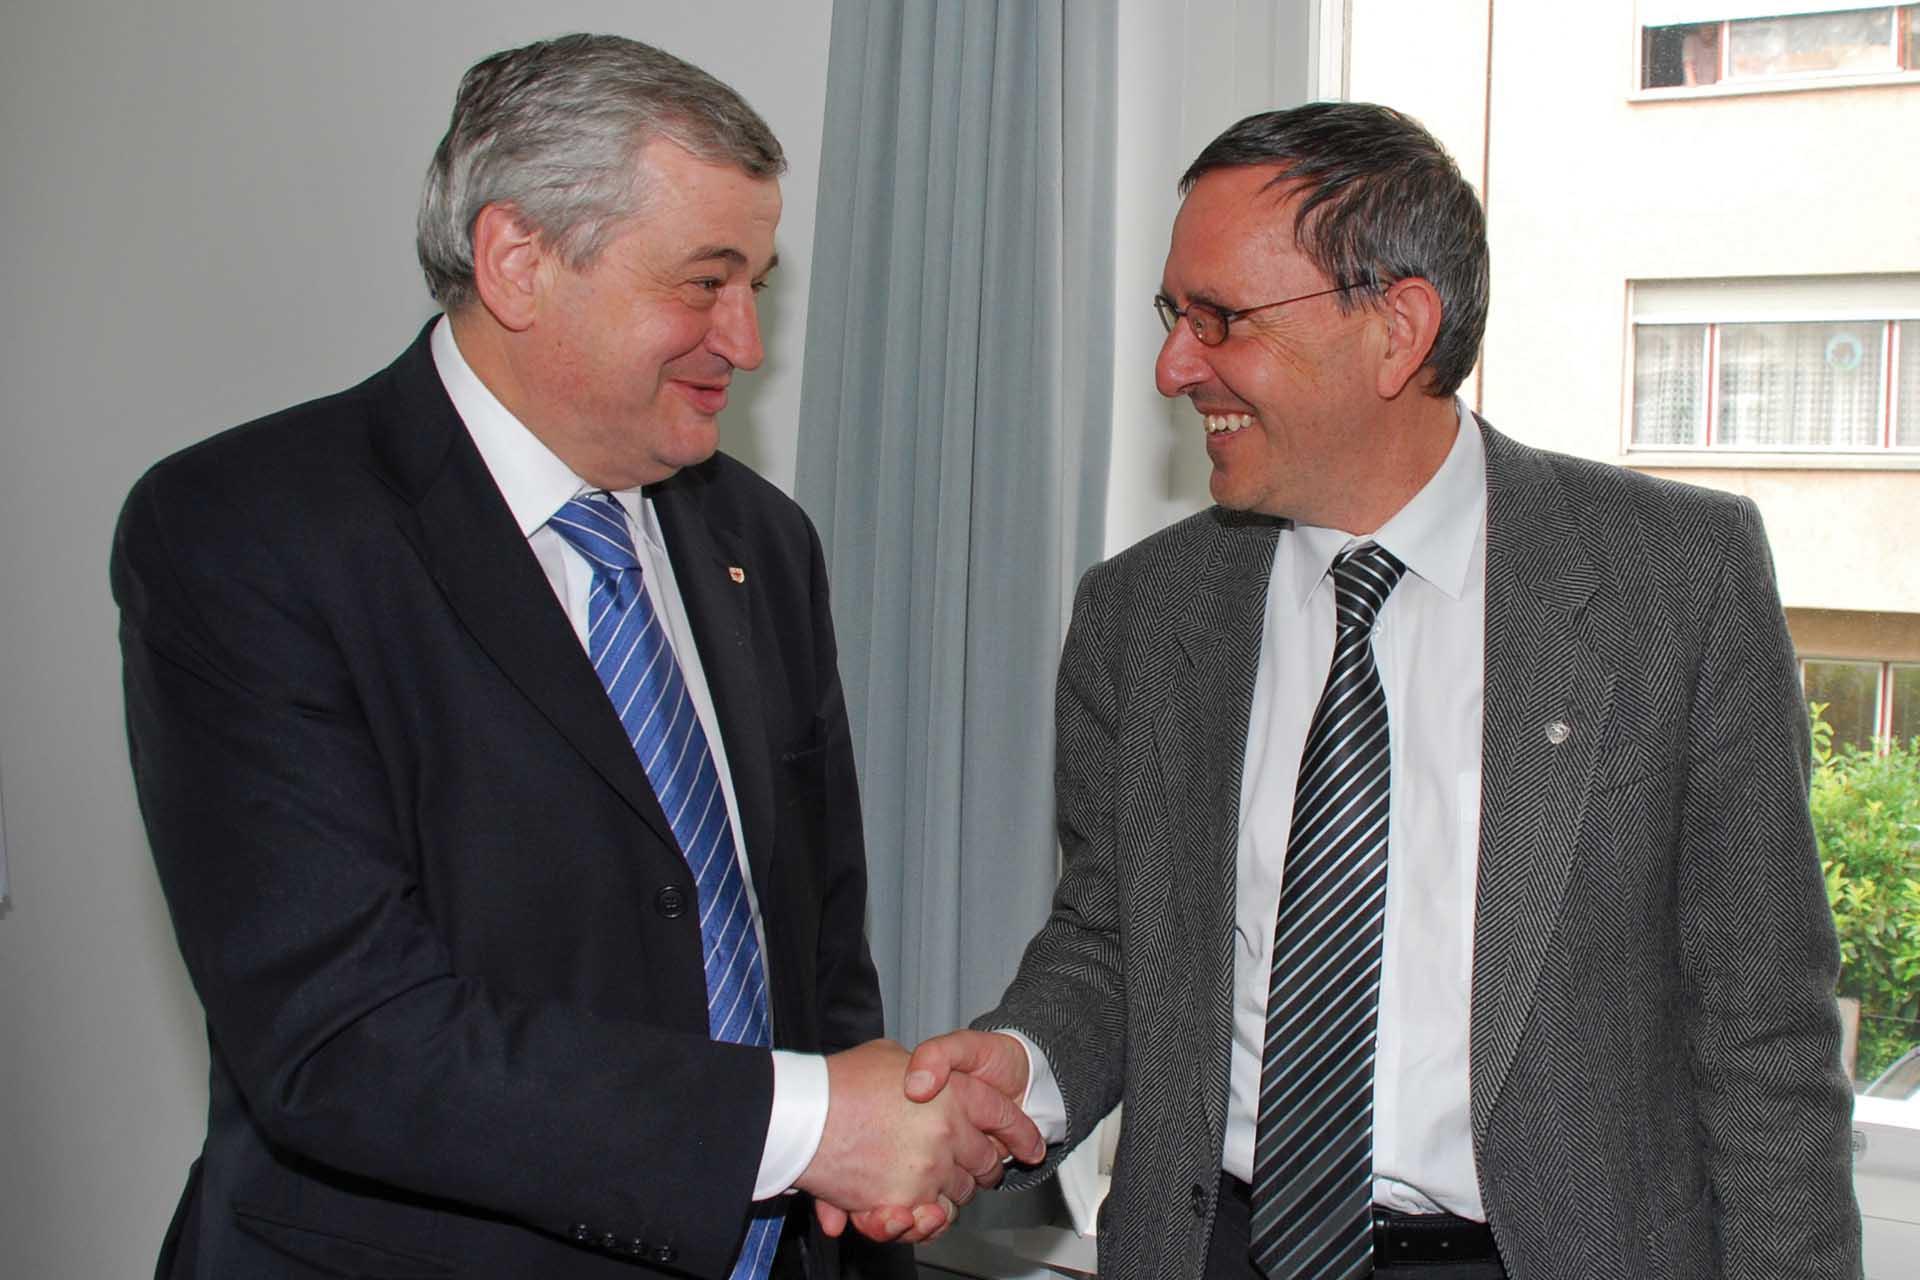 Florian Mussner con il collega del Cantone dei Grigioni Martin Jäger 1